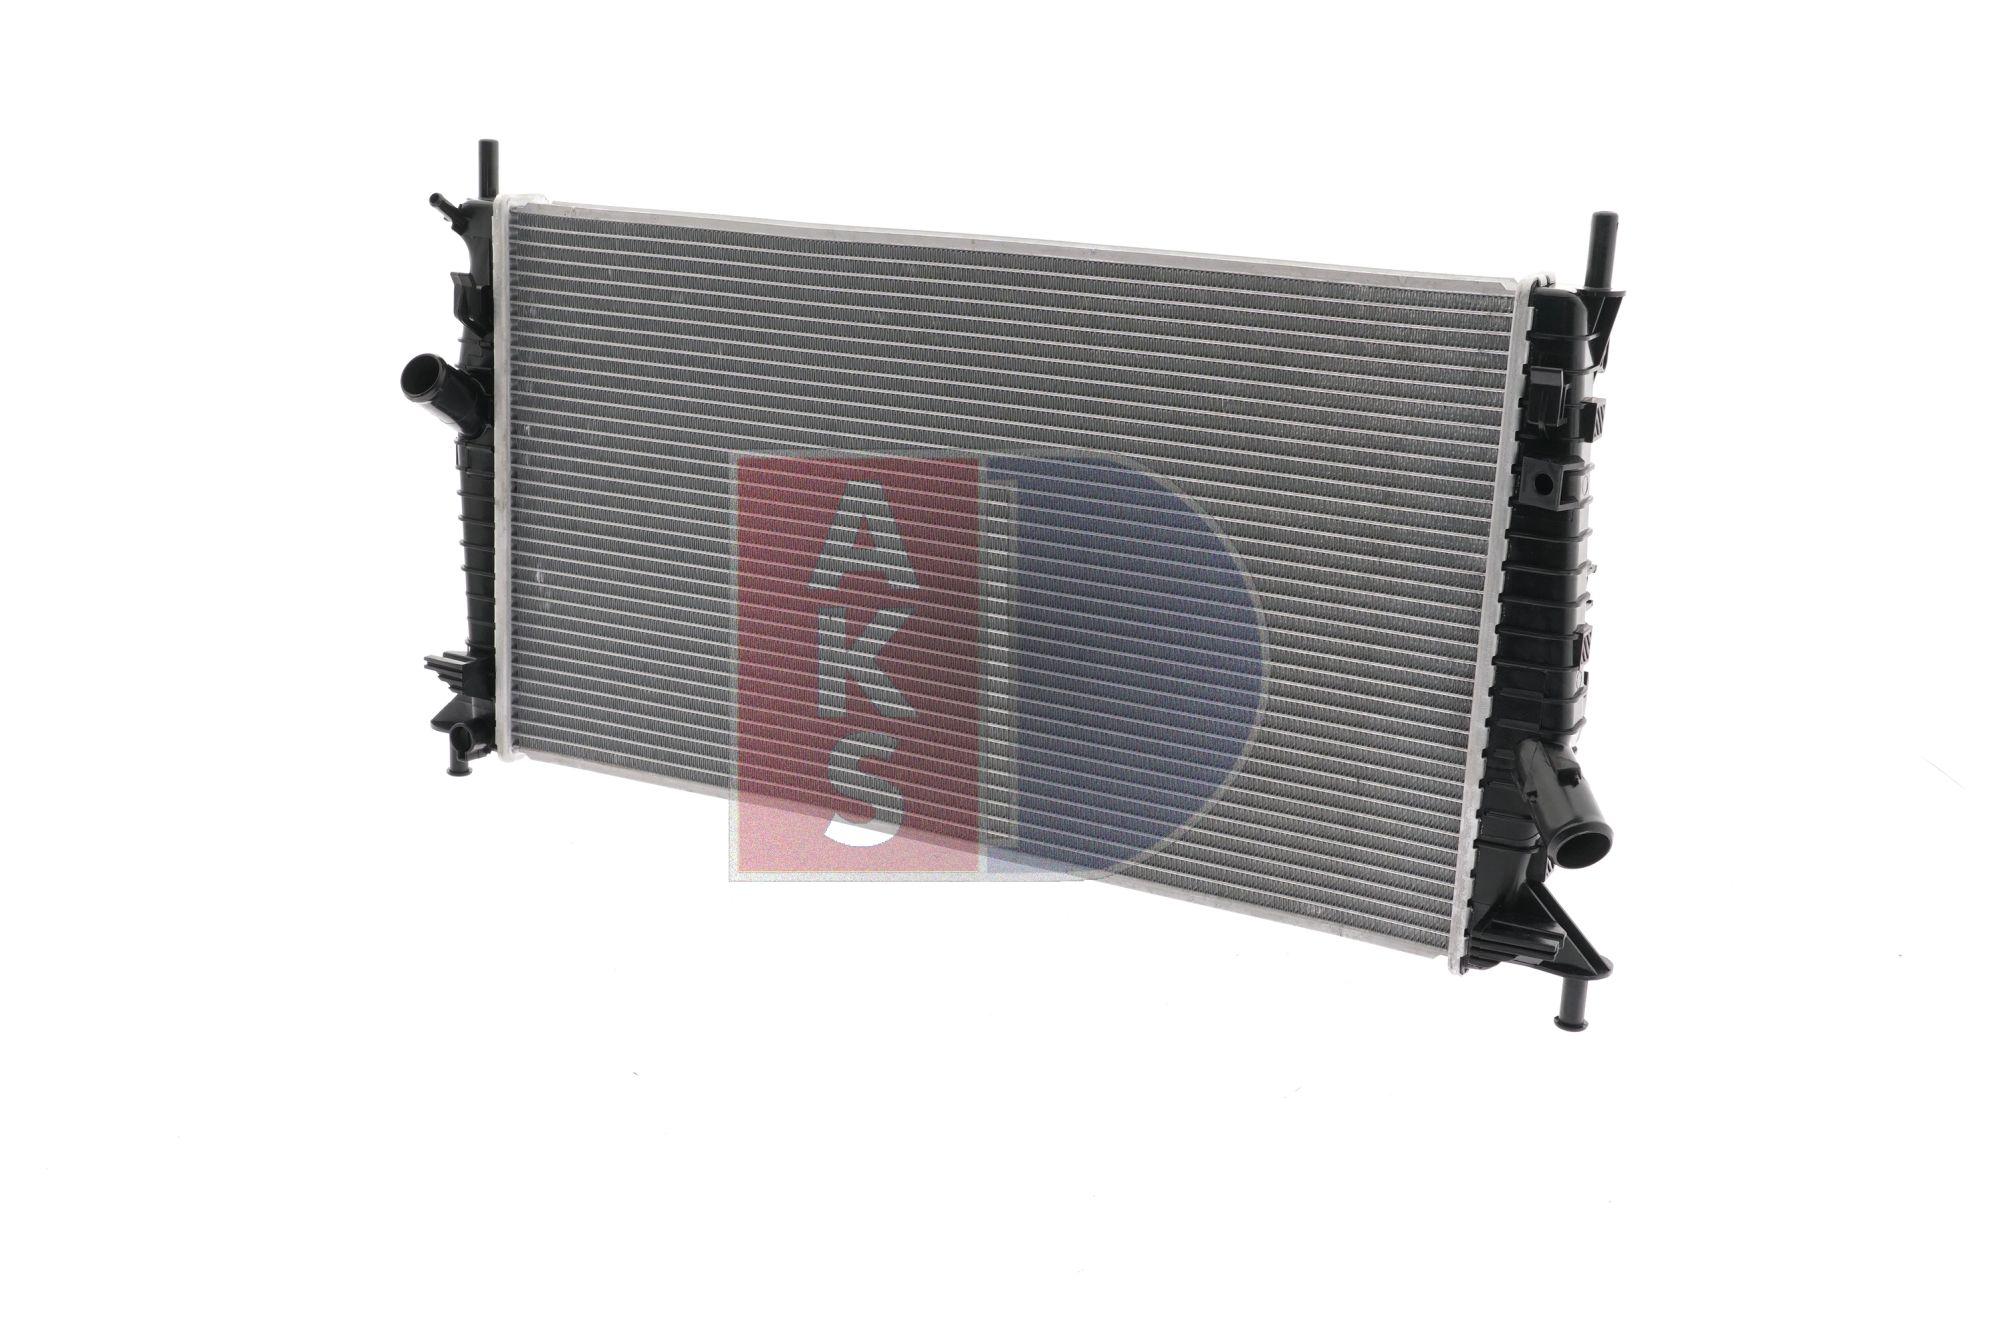 Radiador de motor AKS DASIS 1721251 Aluminio, Aletas refrigeración soldadas